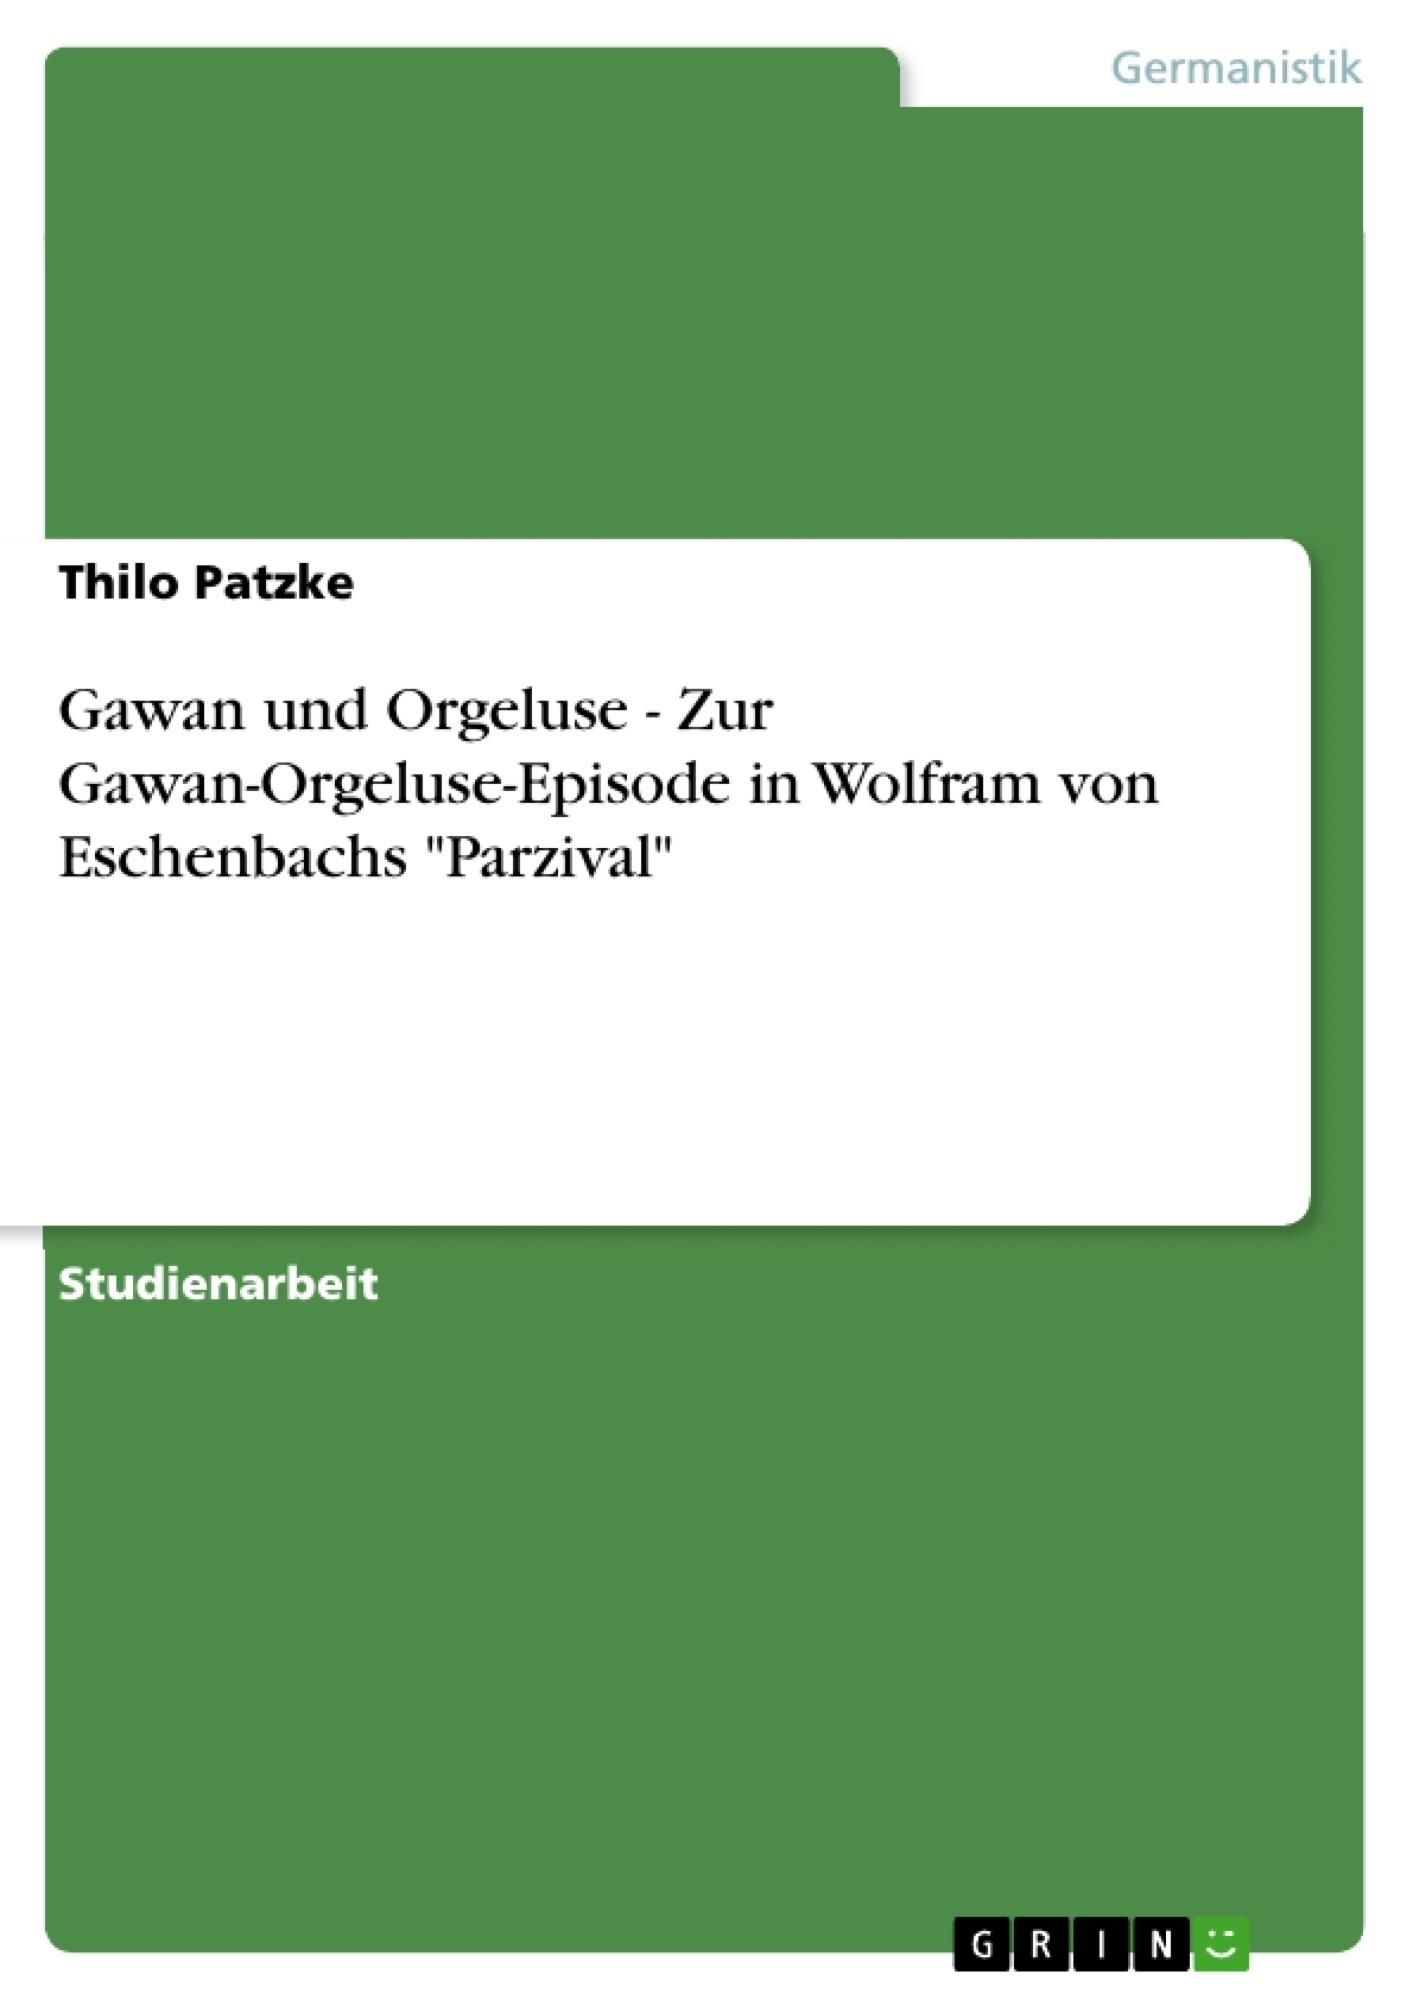 """Titel: Gawan und Orgeluse - Zur Gawan-Orgeluse-Episode in Wolfram von Eschenbachs """"Parzival"""""""